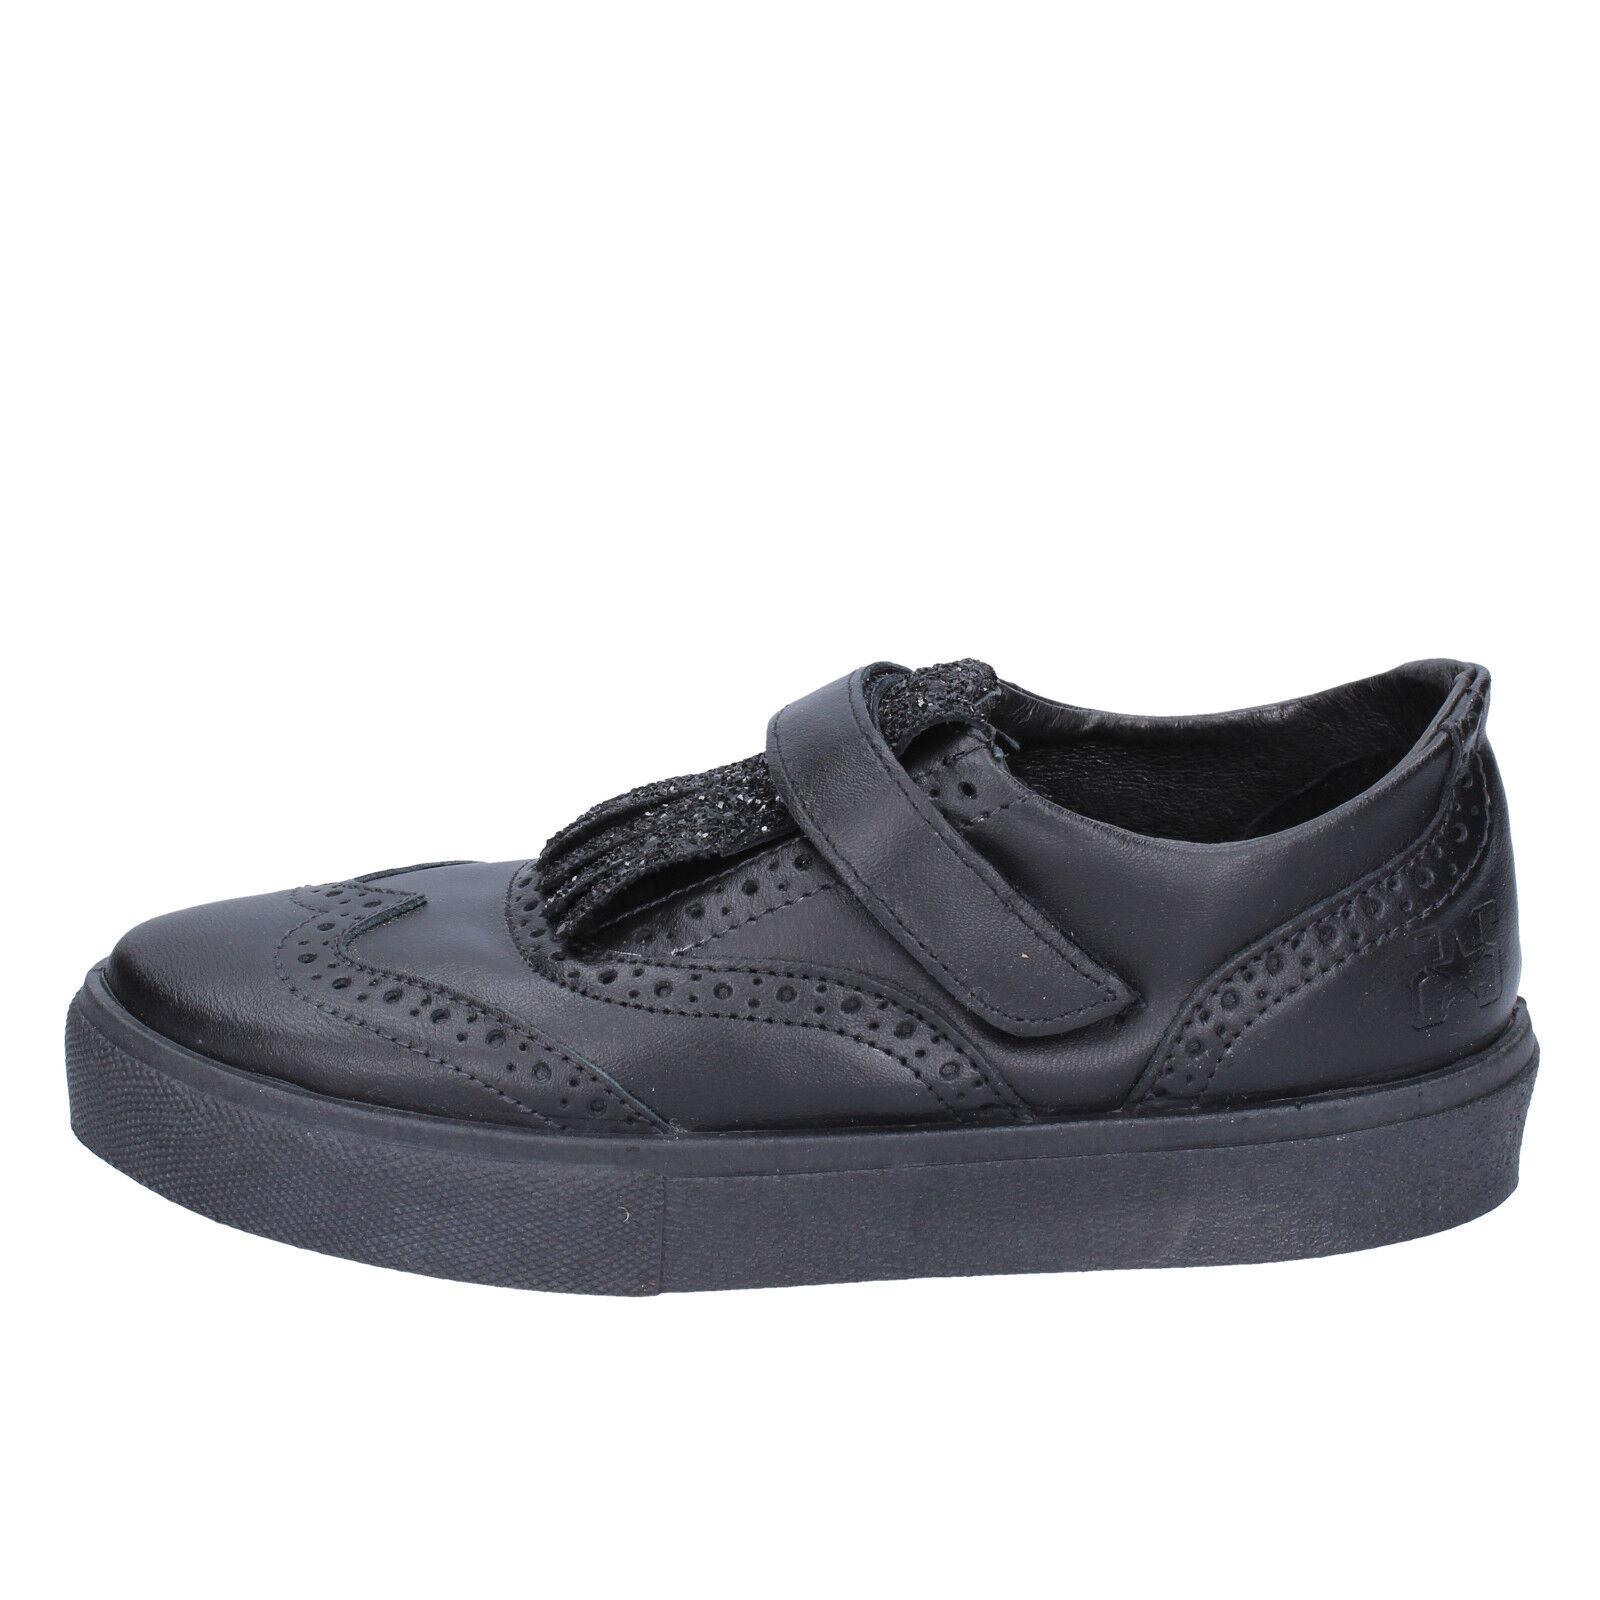 Damen schuhe 2 schwarz STAR 40 EU sneakers schwarz 2 leder BX380-40 68ea54